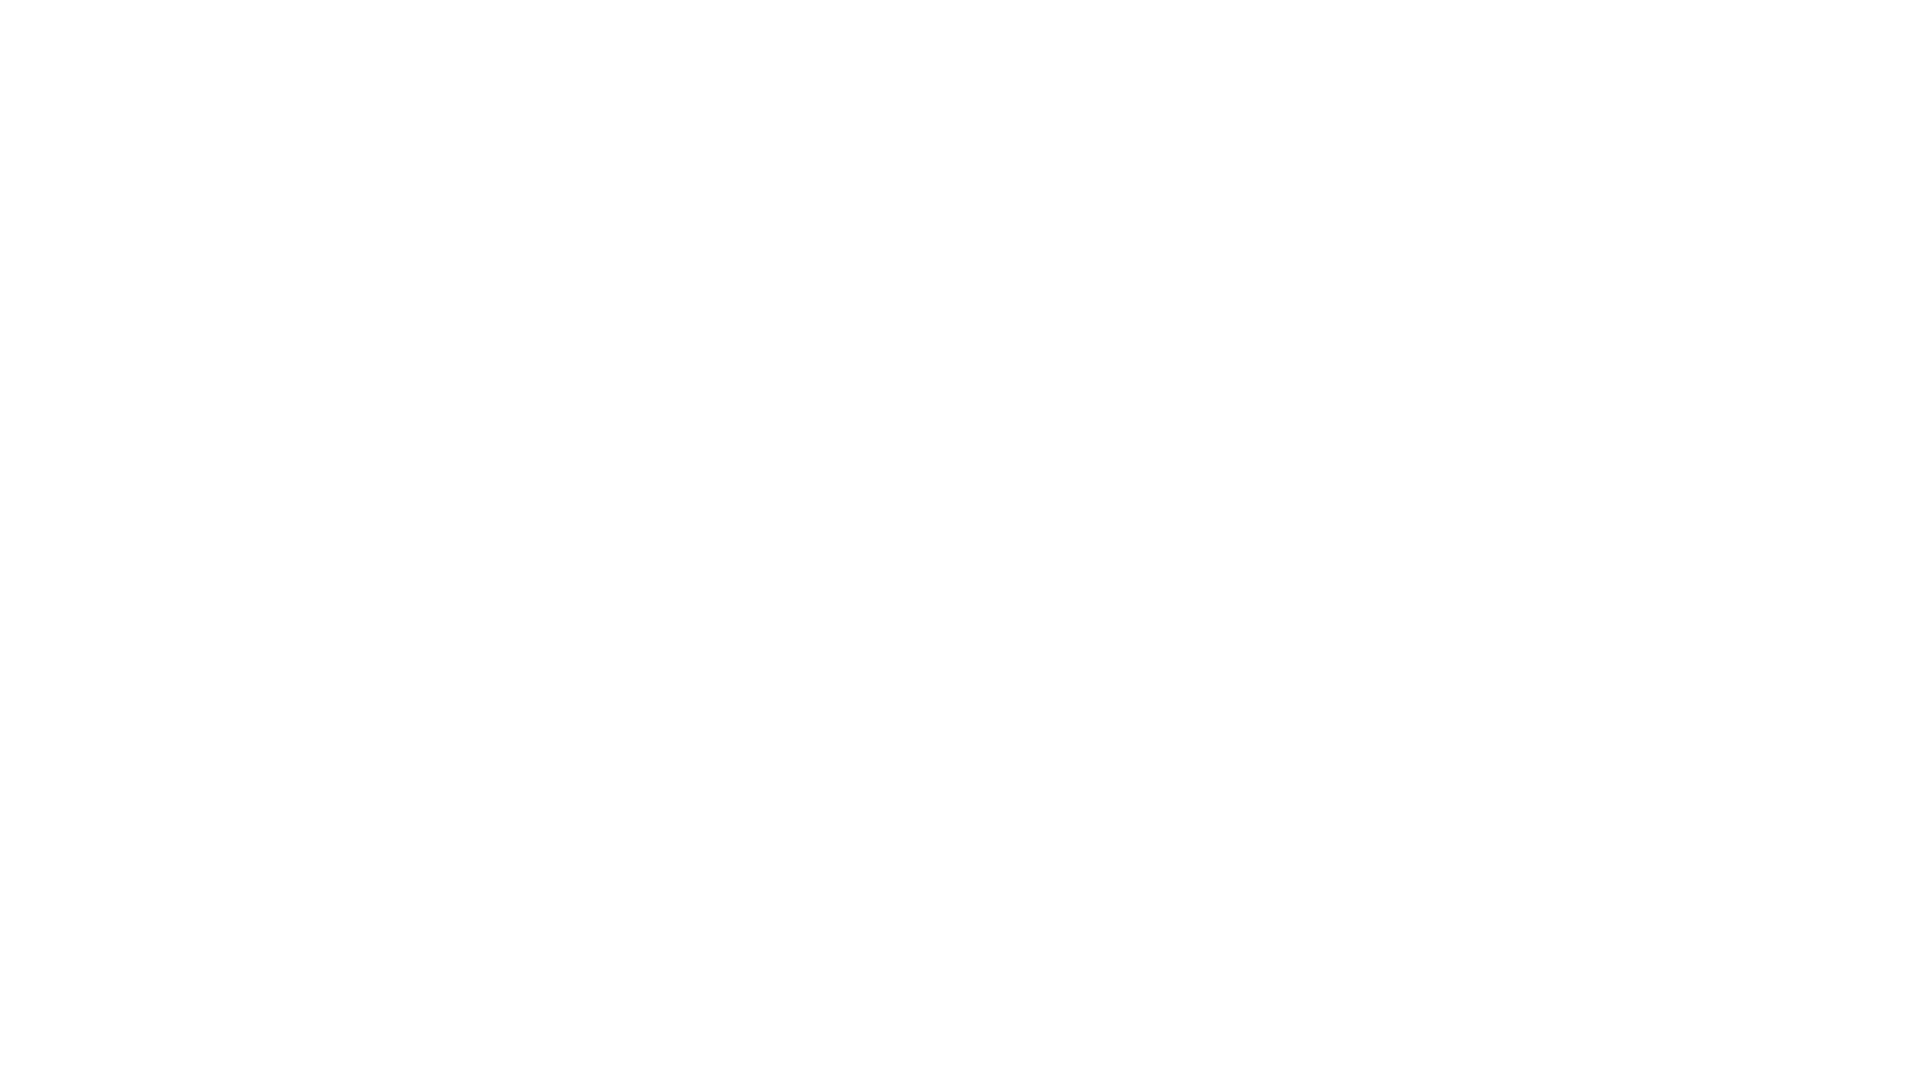 BMTI International